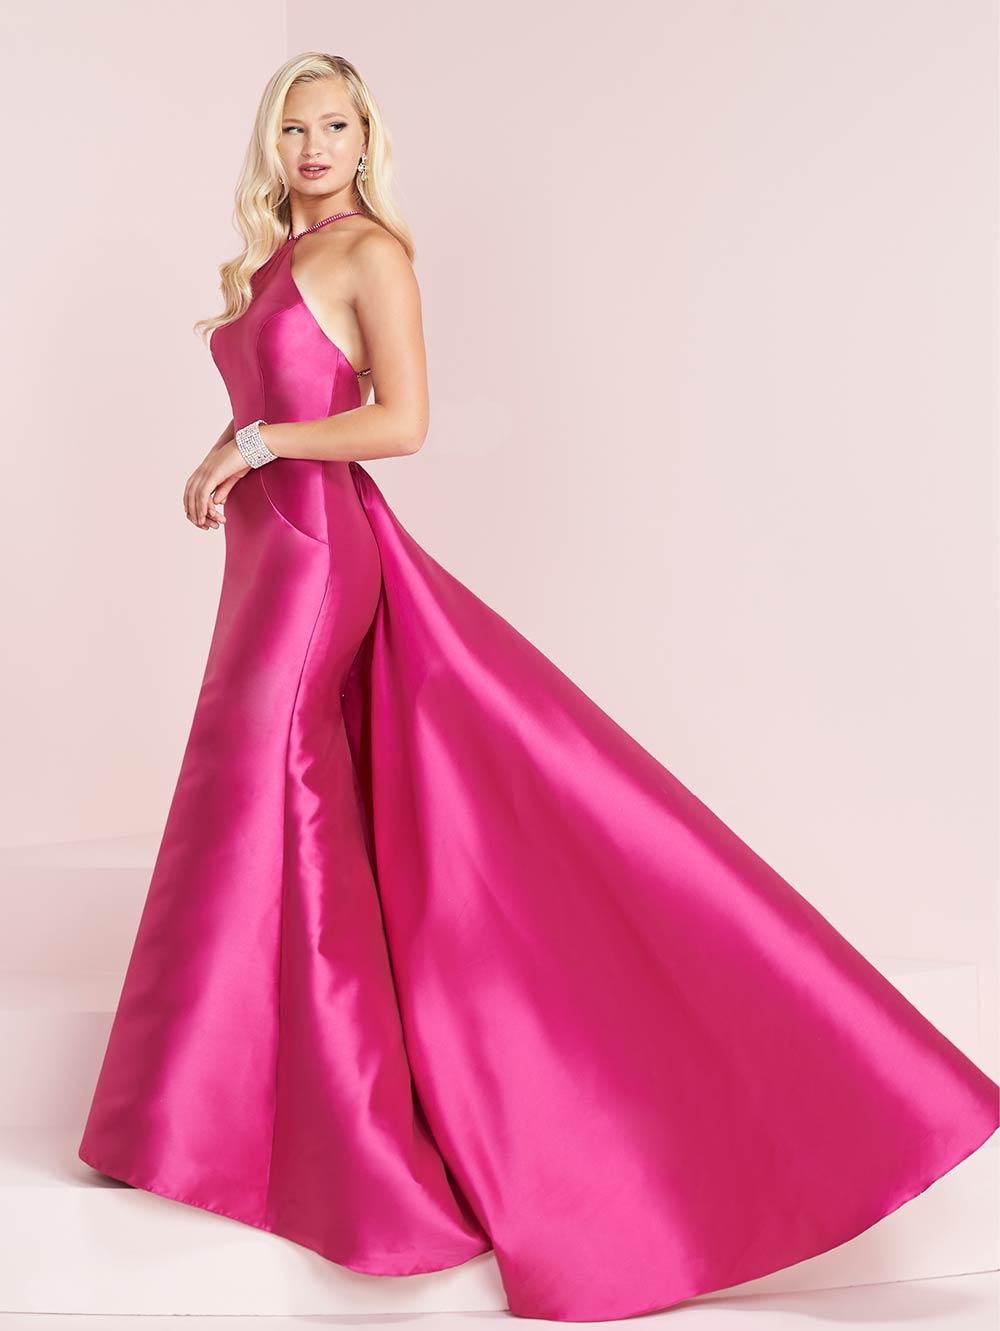 prom-dresses-jacquelin-bridals-canada-27597